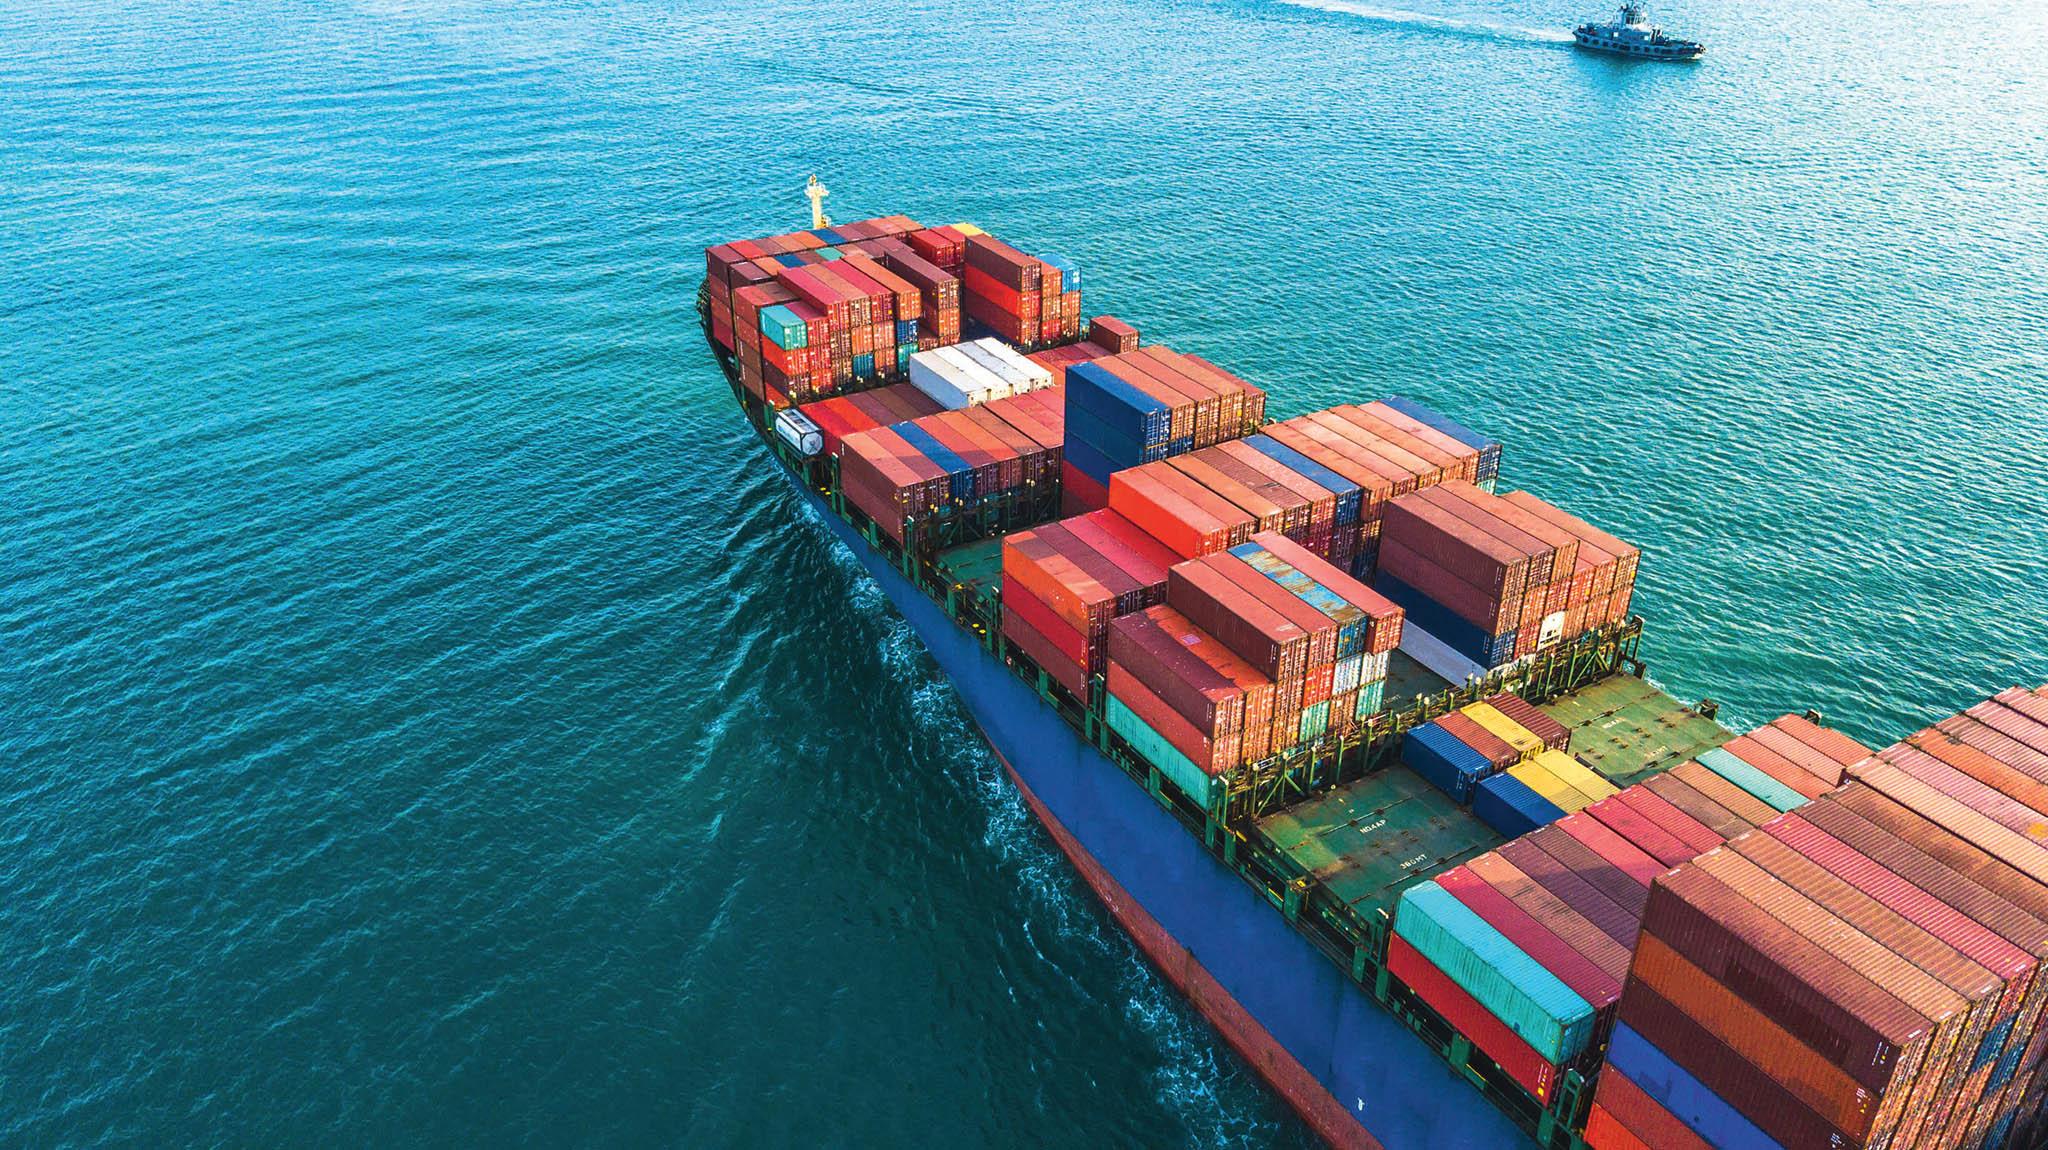 """Koživení námořní dopravy přispěla především opětovná """"konzumní"""" chuť koncových spotřebitelů arekordní nárůst výše dopravného– to bylo například vříjnu téměř dvojnásobné vesrovnání se stejným obdobím roku 2019."""